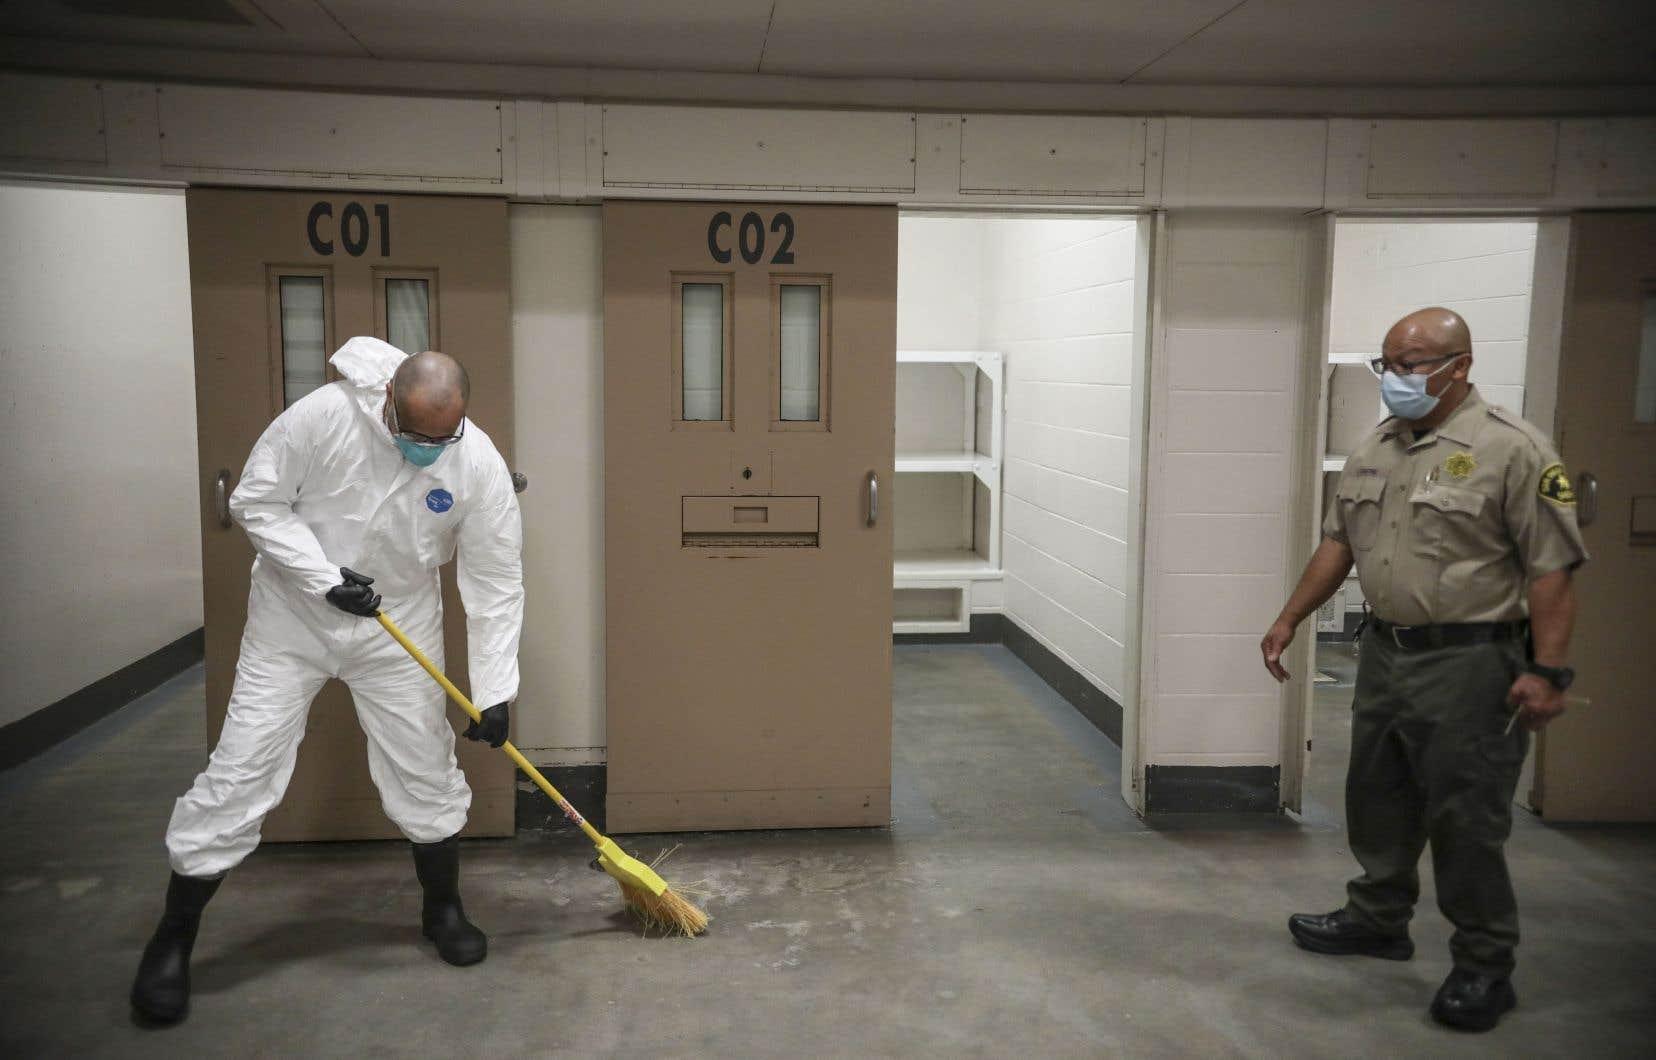 Des détenus sont mis à profit pour nettoyer et désinfecter les cellules dans certaines prisons, comme dans celle-ci à San Diego.